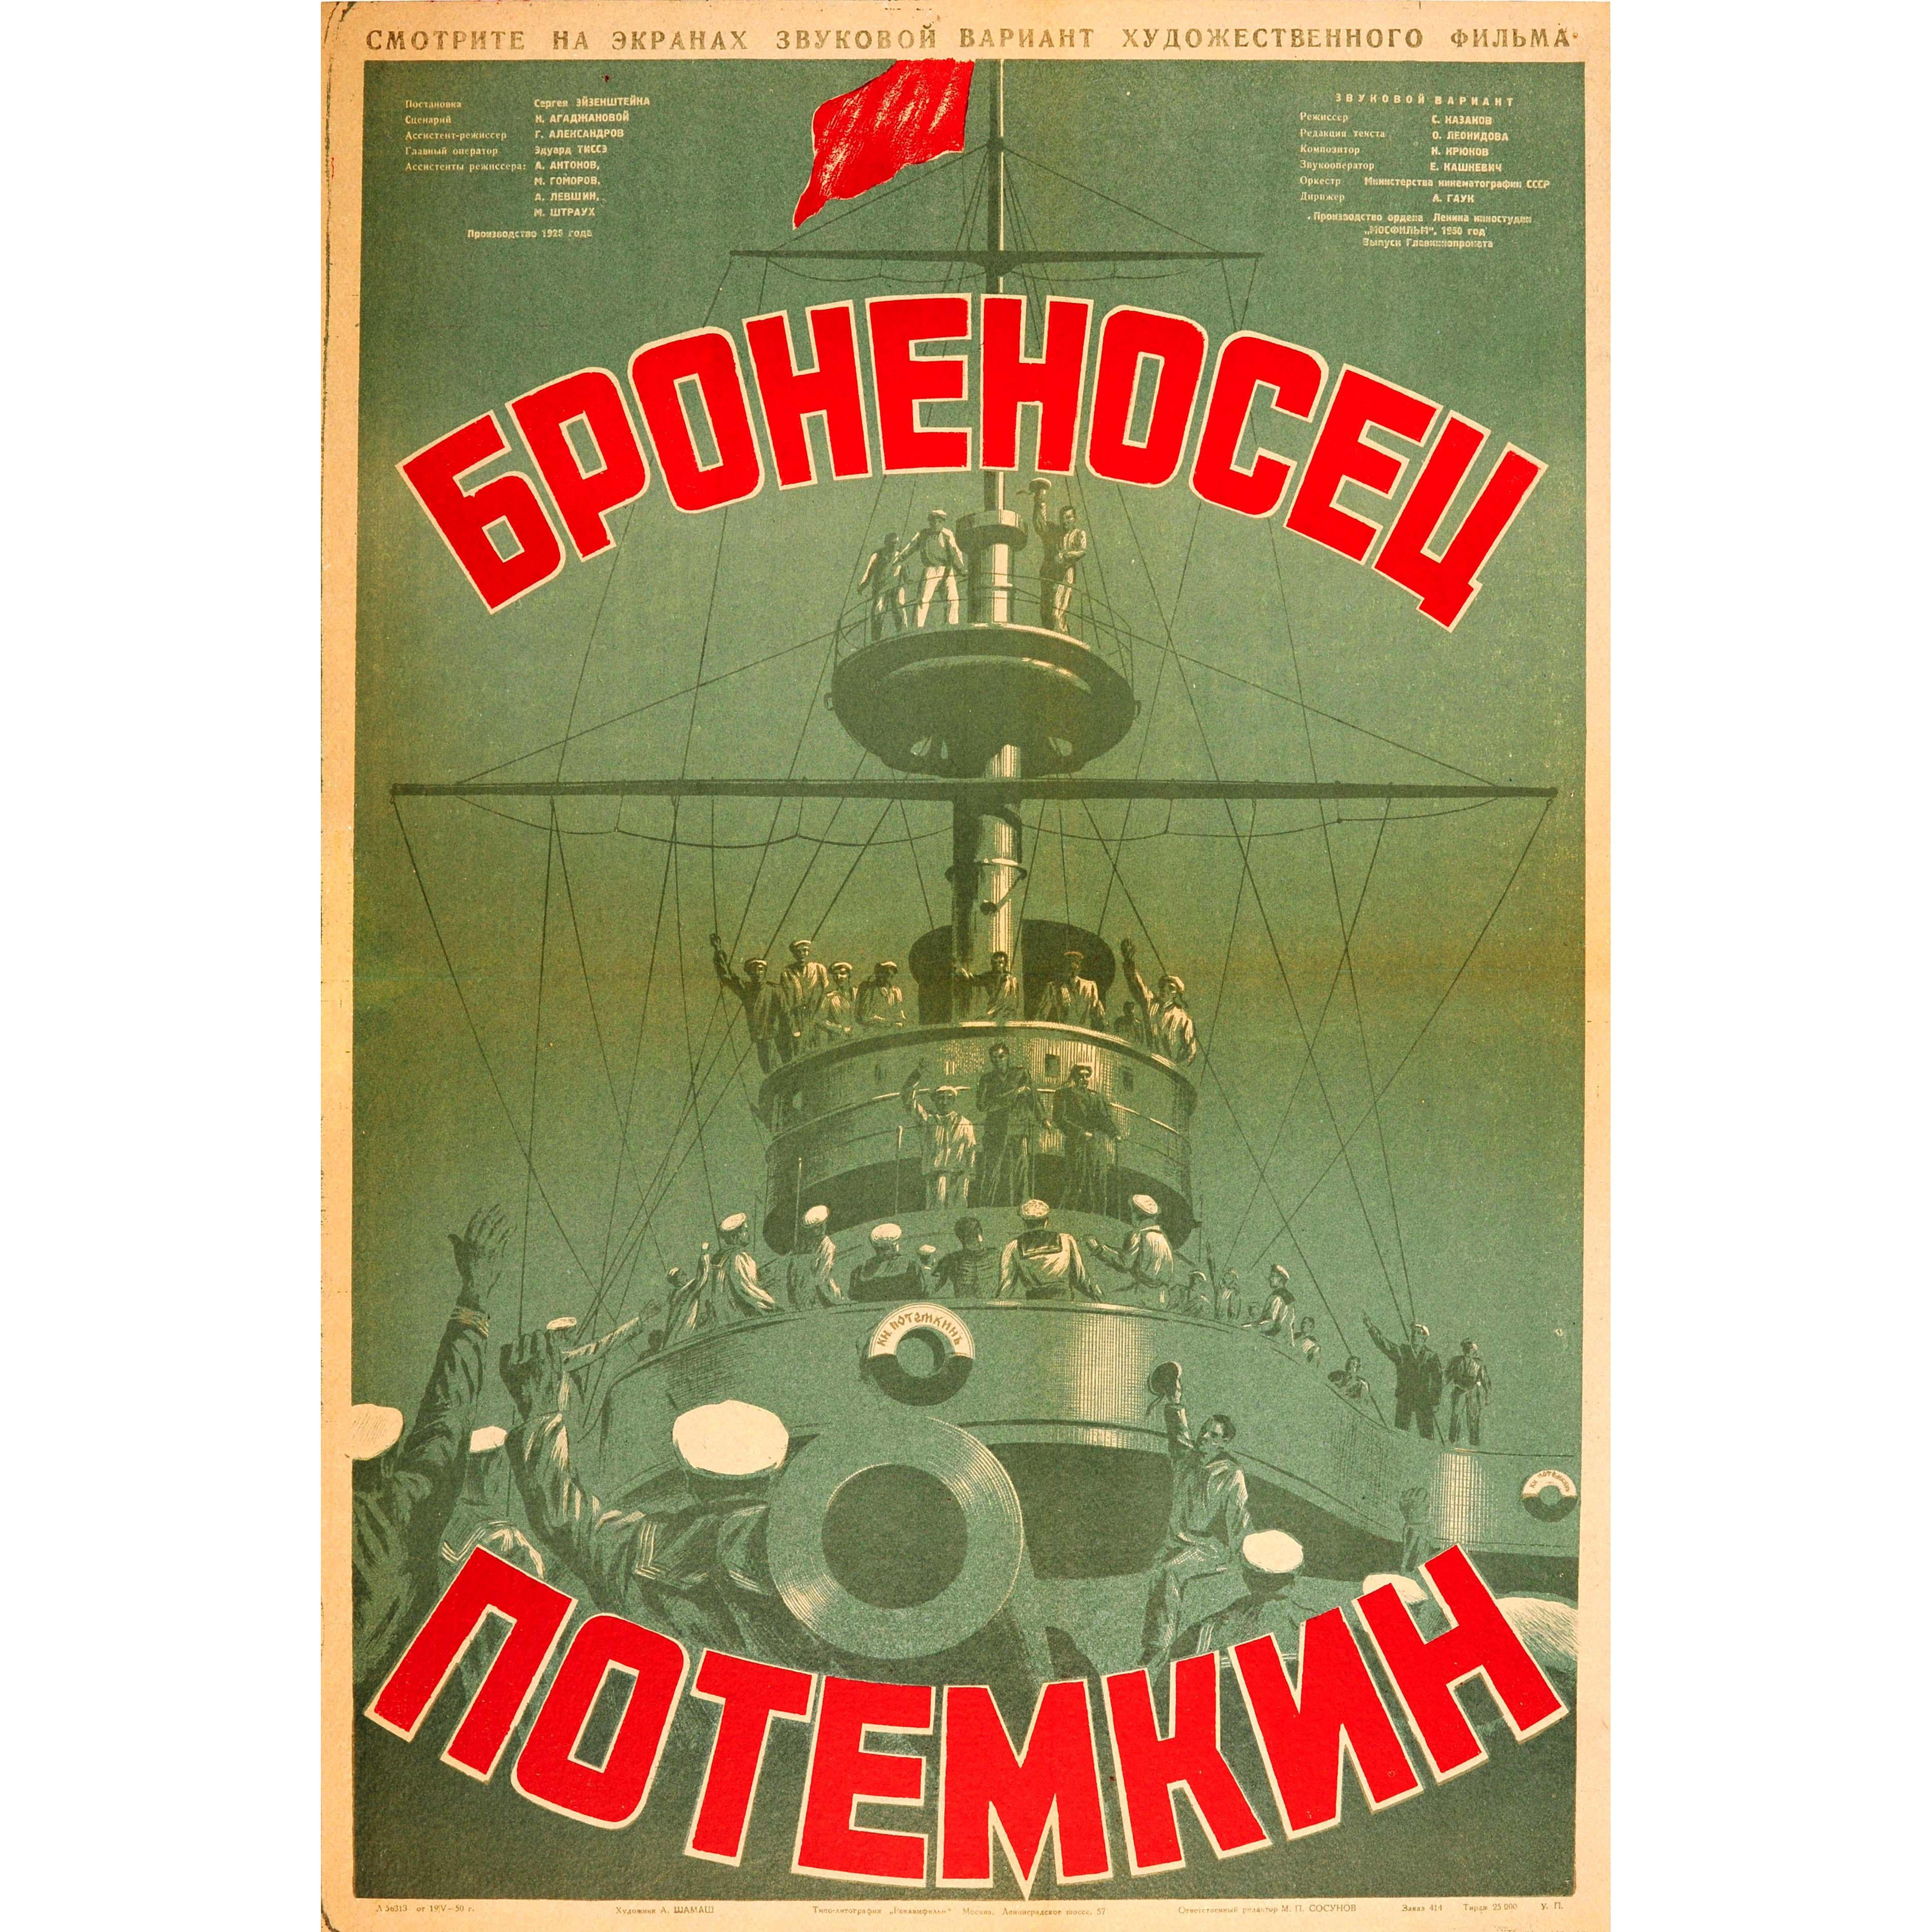 Original Vintage Re-Release Silent Movie Poster - Eisenstein Battleship Potemkin